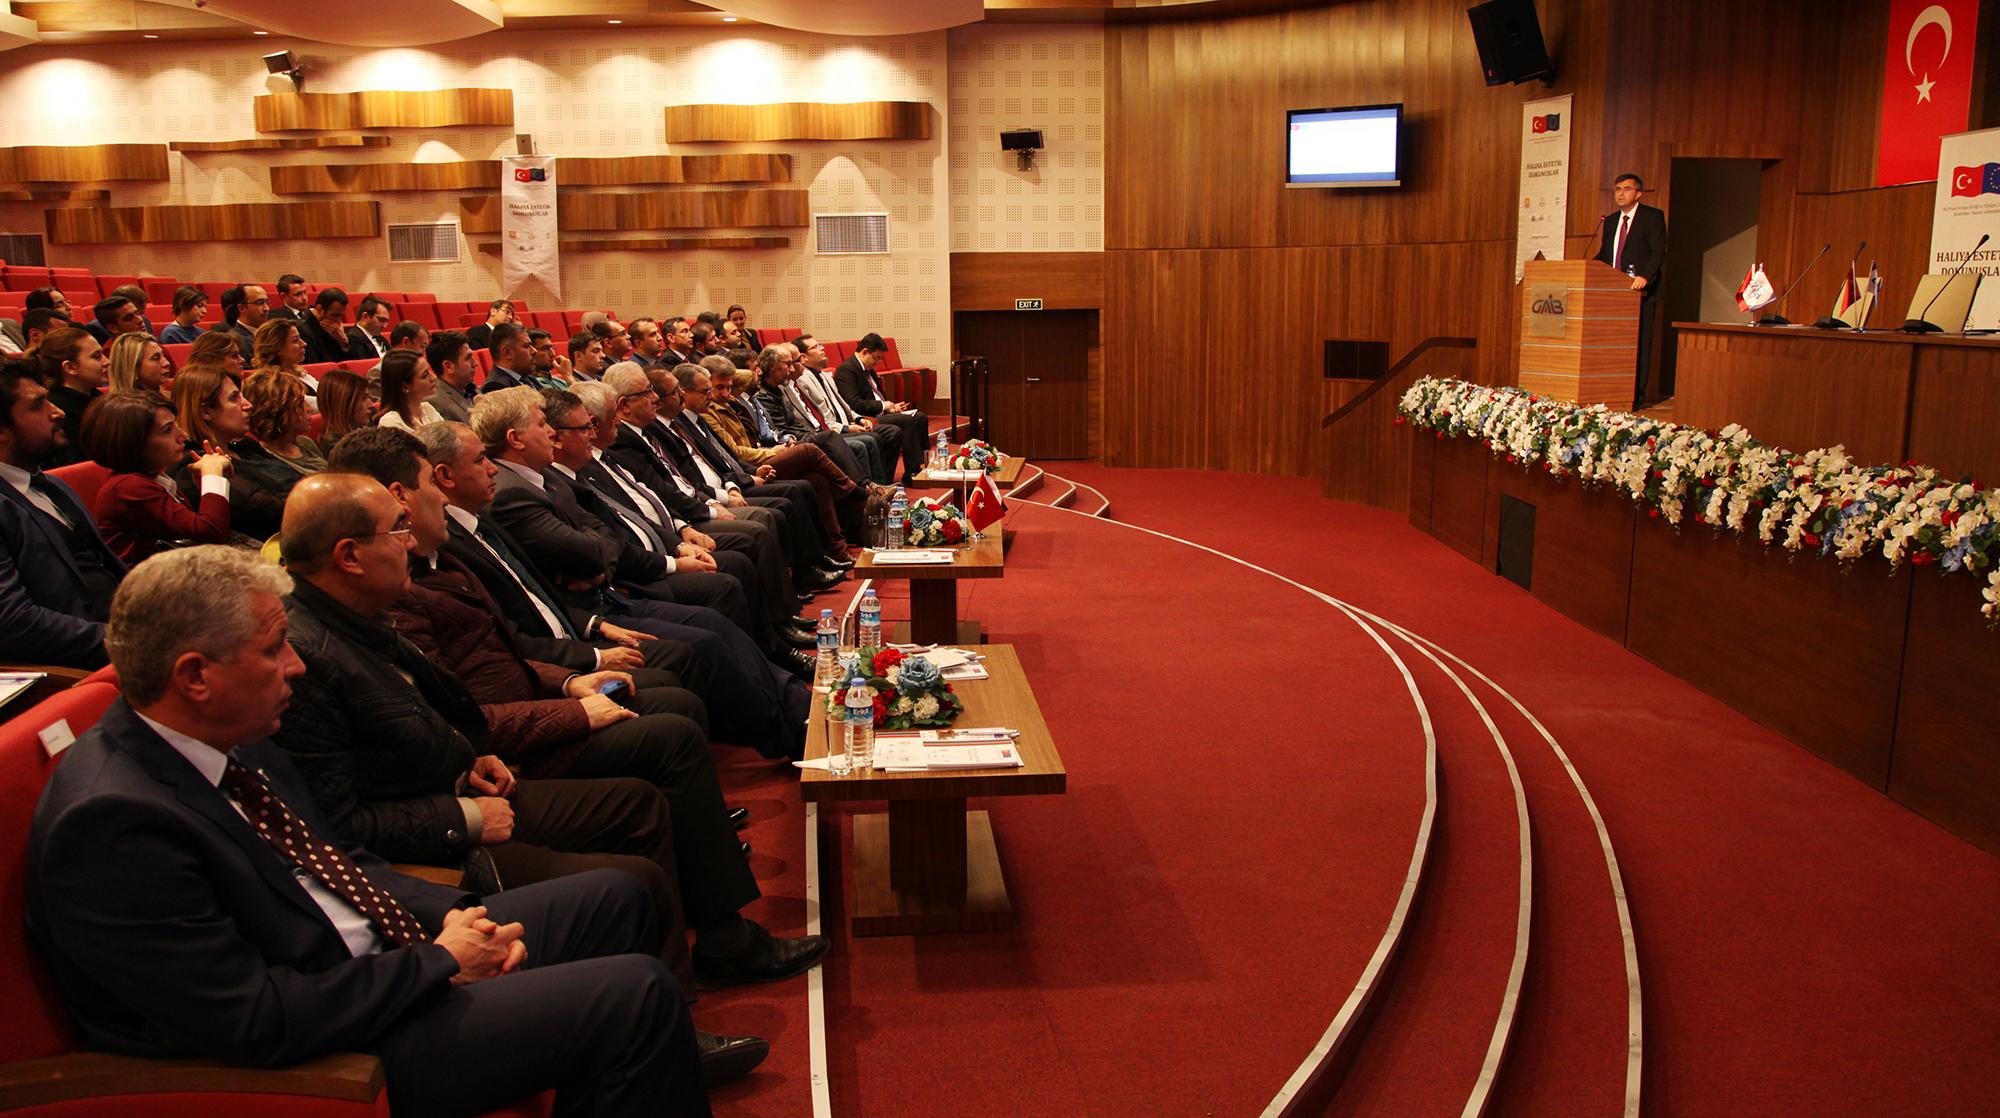 Halıya Estetik Dokunuşlar' Projesi -  (Doç. Dr. Necip Fazıl Yılmaz-2)